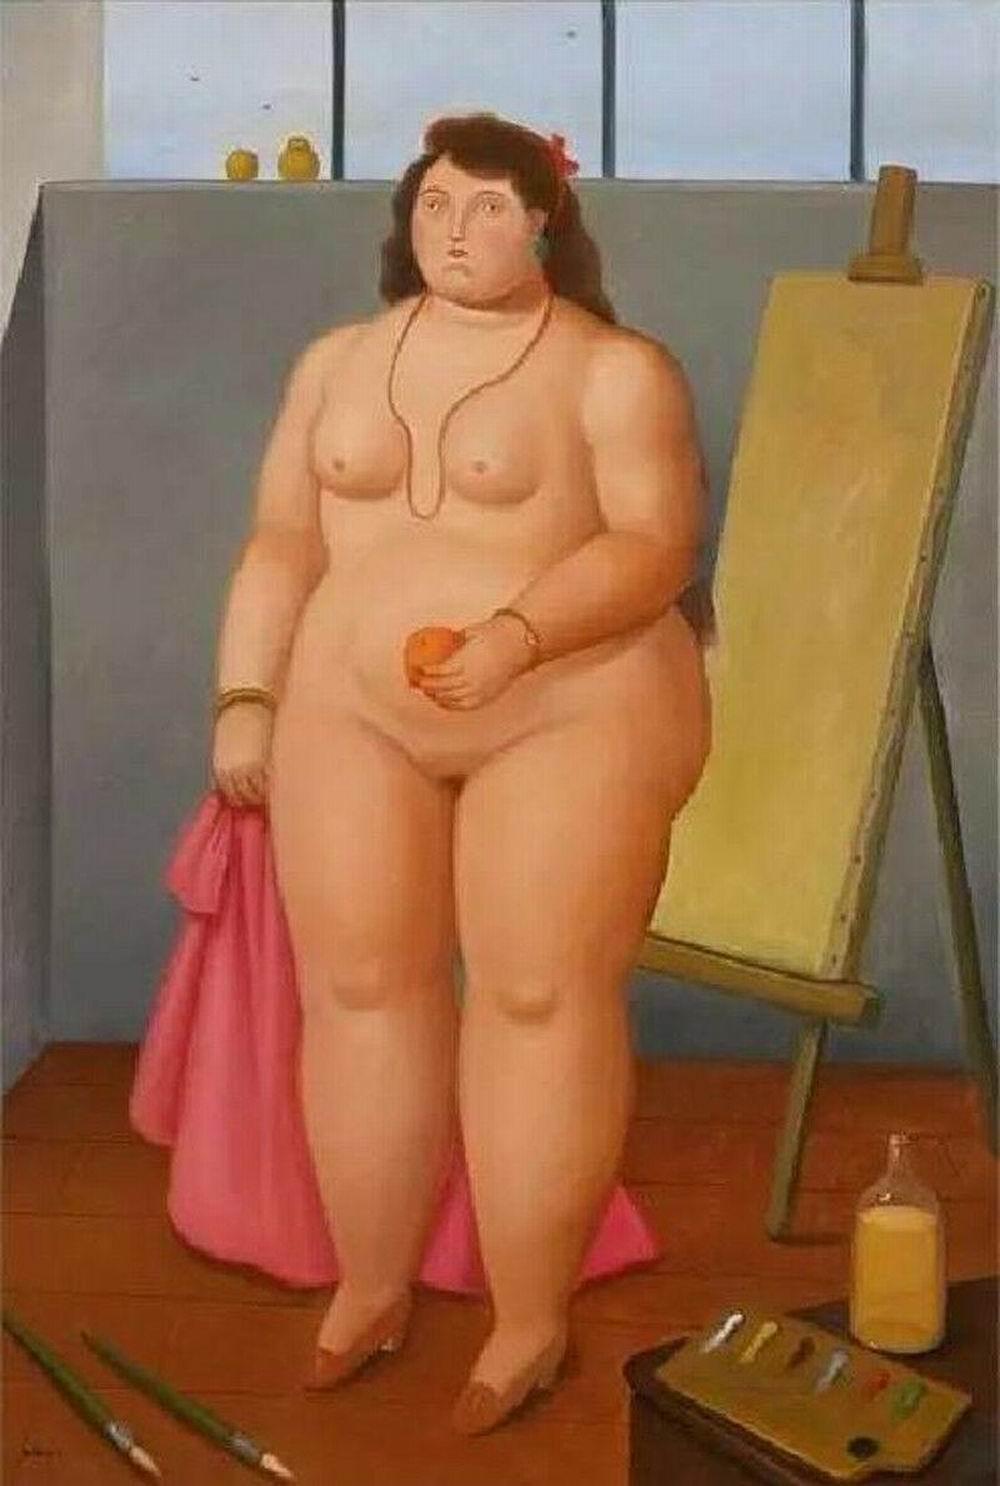 캔버스 벽 예술 사진 200205 캔버스 홈 인테리어 지에 handpainted HD 인쇄 유화에 A115 페르난도 보테로 (Fernando Botero) 누드 소녀